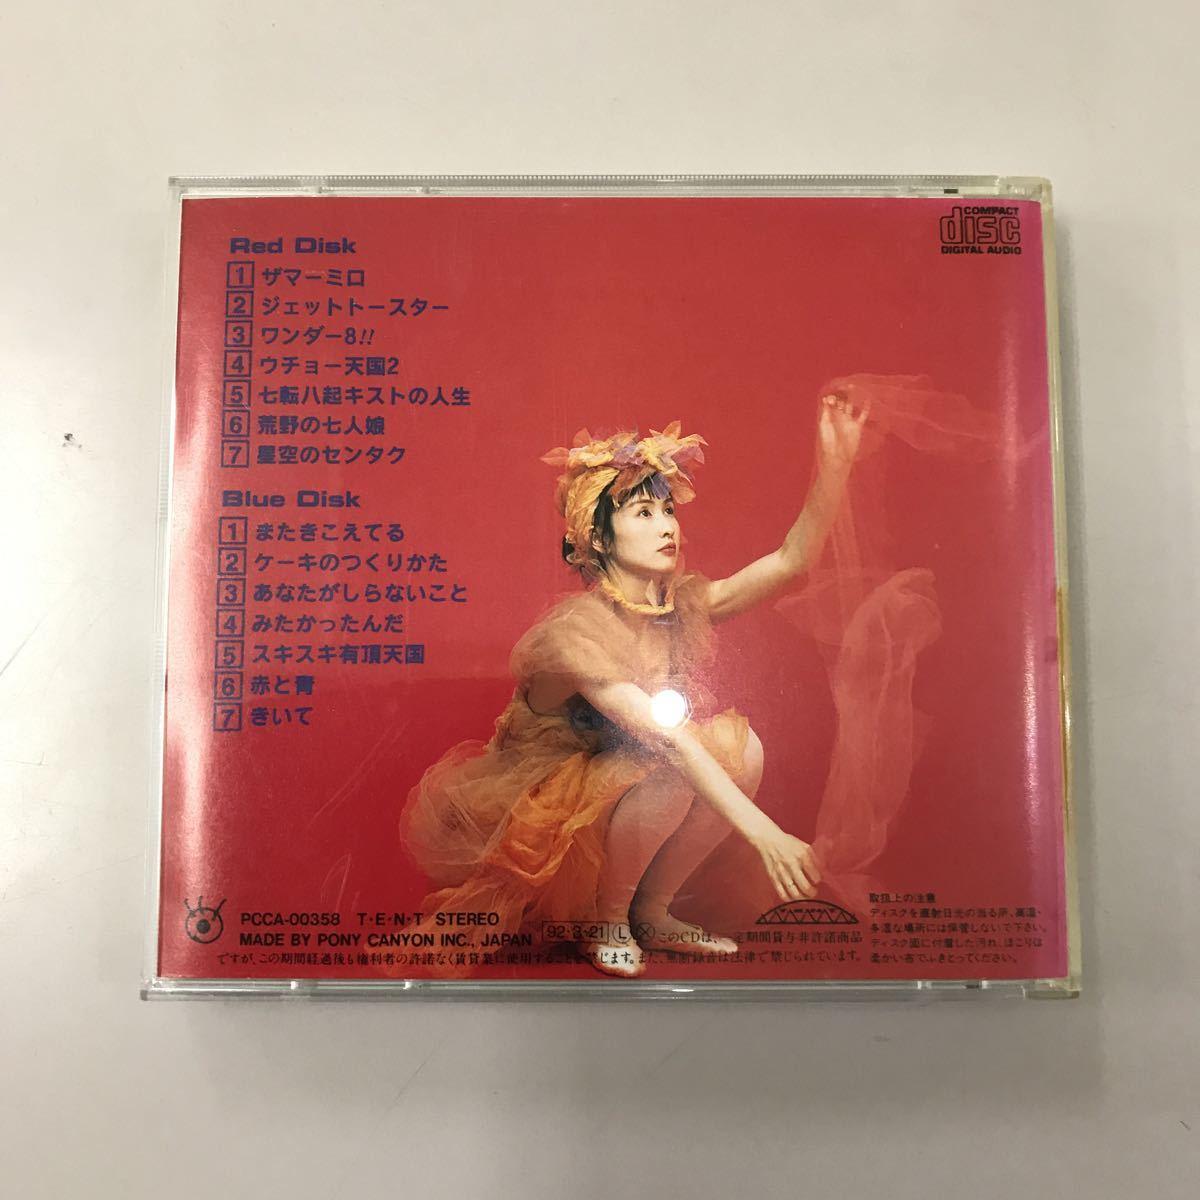 CD 中古☆【邦楽】フェアチャイルド W